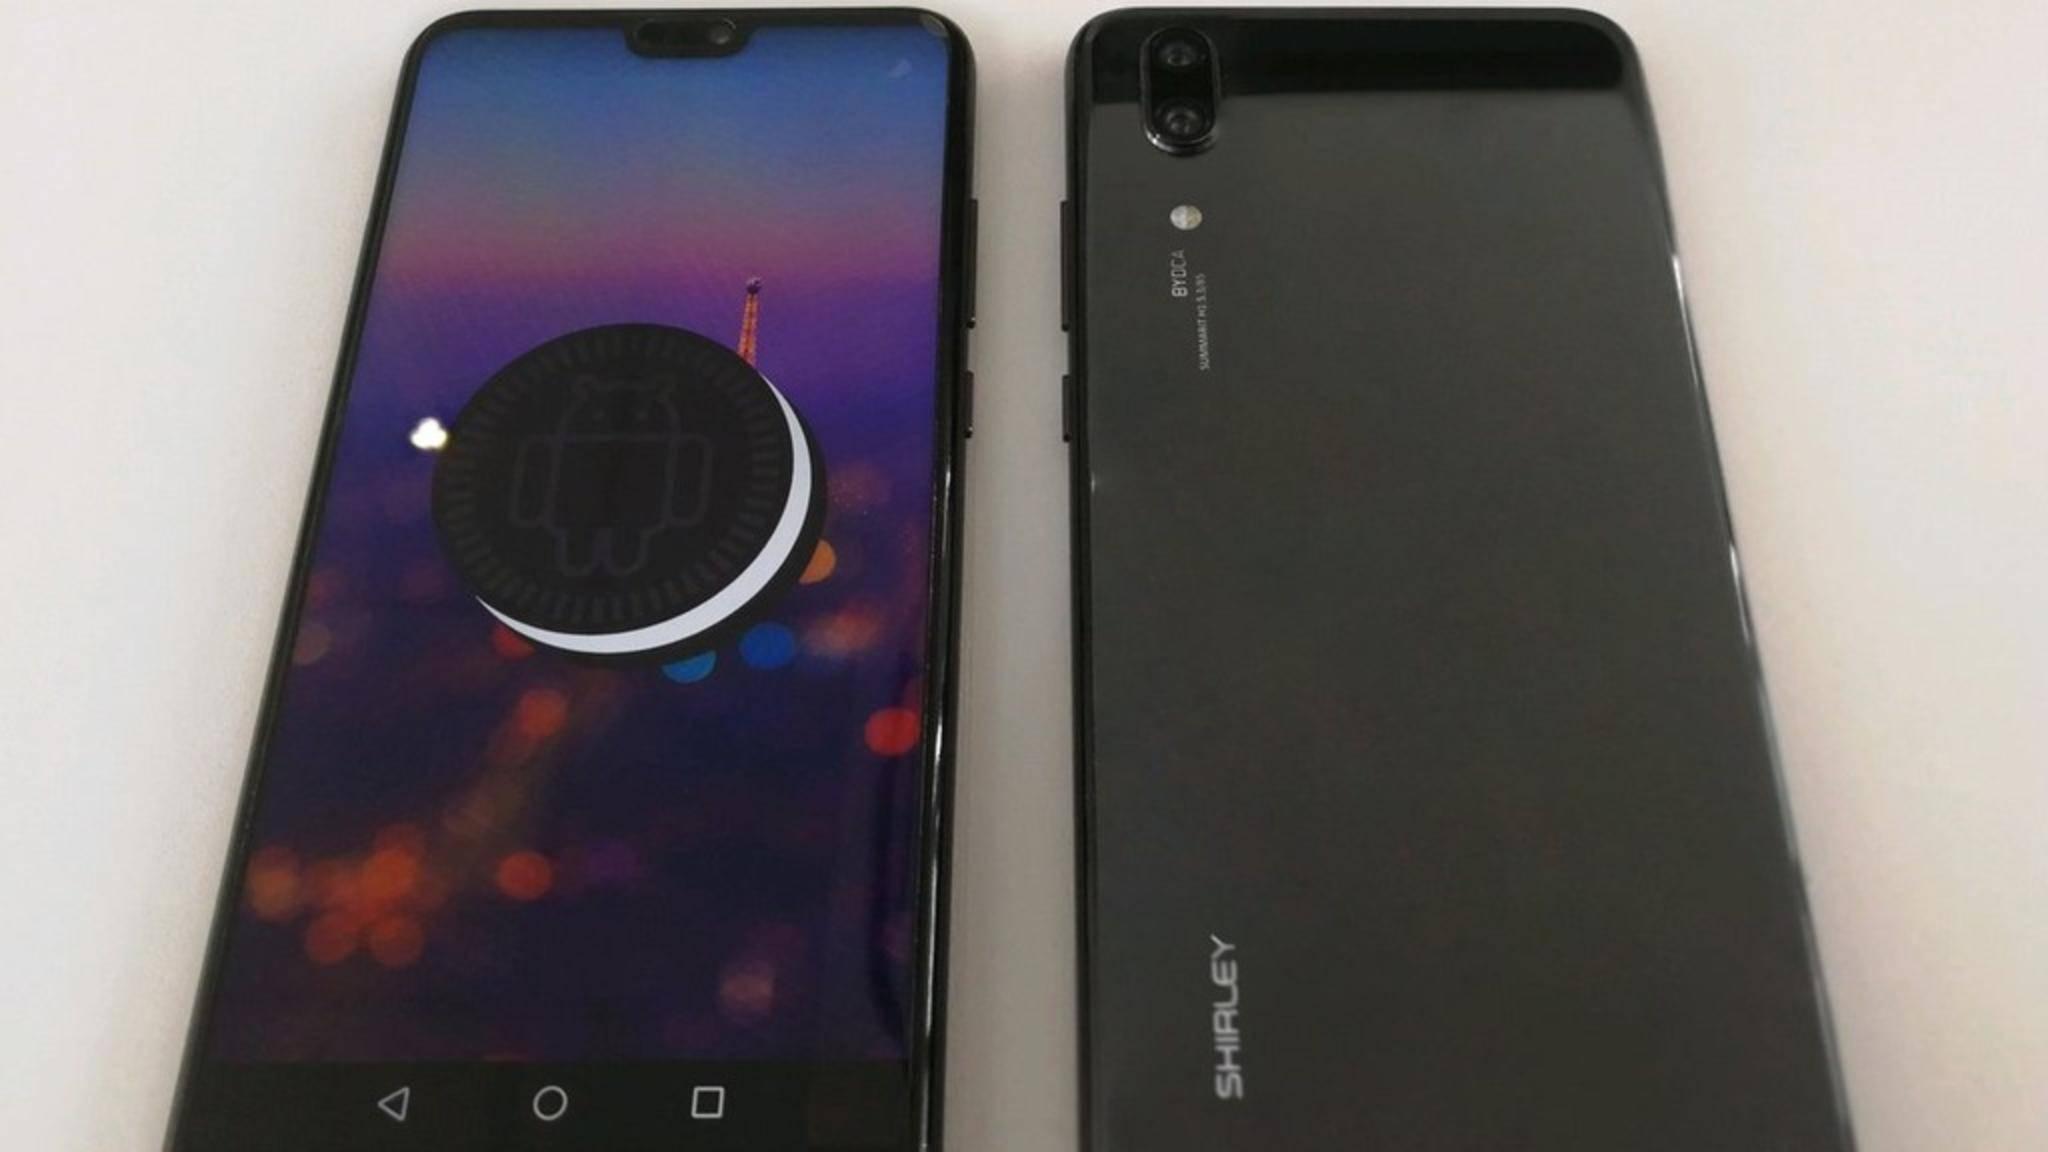 Das Huawei P20 orientiert sich offenbar am Design des iPhone X.